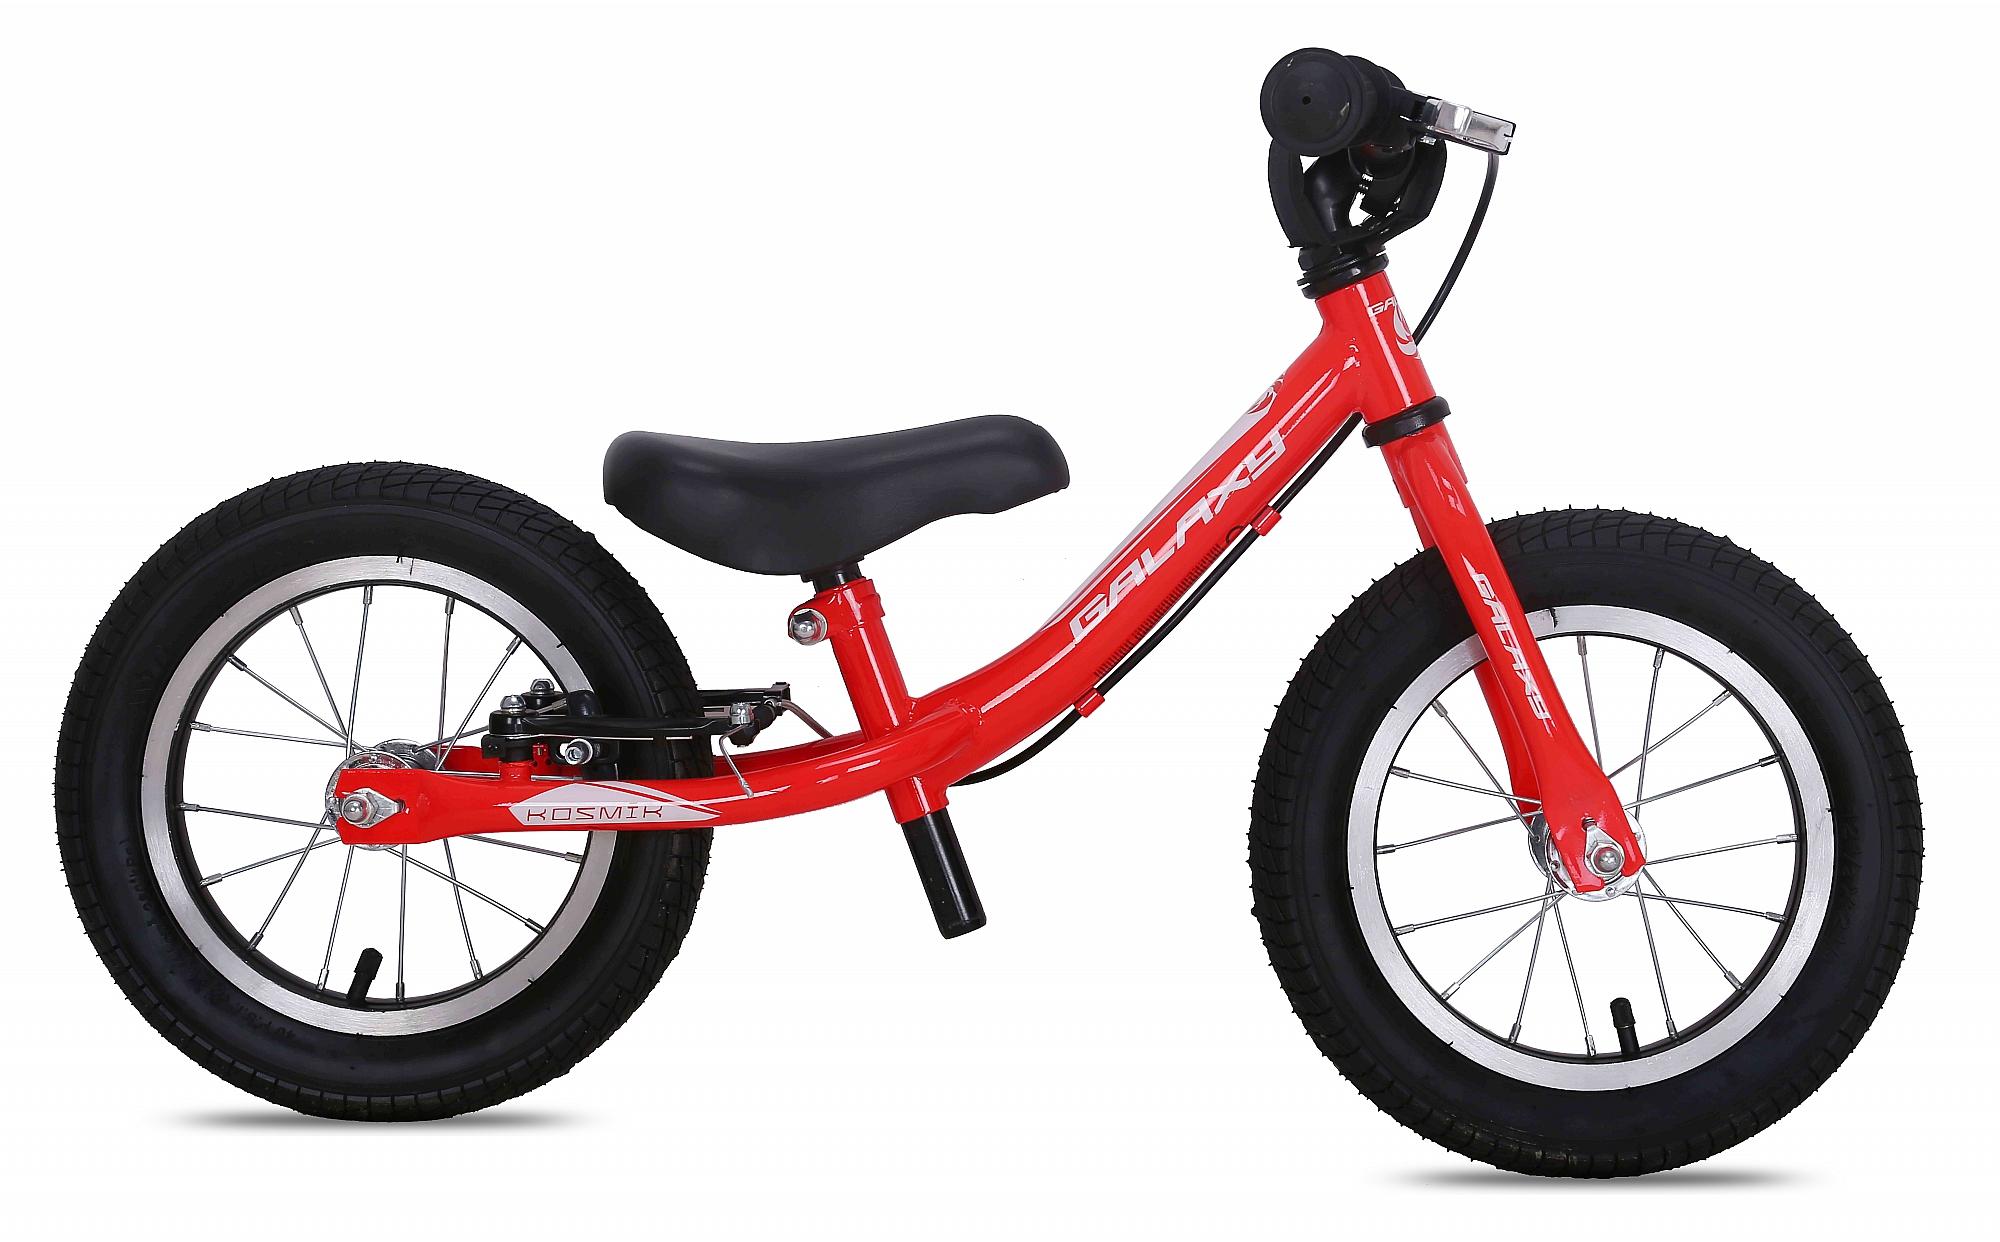 Odrážedlo GALAXY KOSMÍK červená 2017, ZDARMA dopravné! (barva červená, s brzdou, nafukovací pneu)